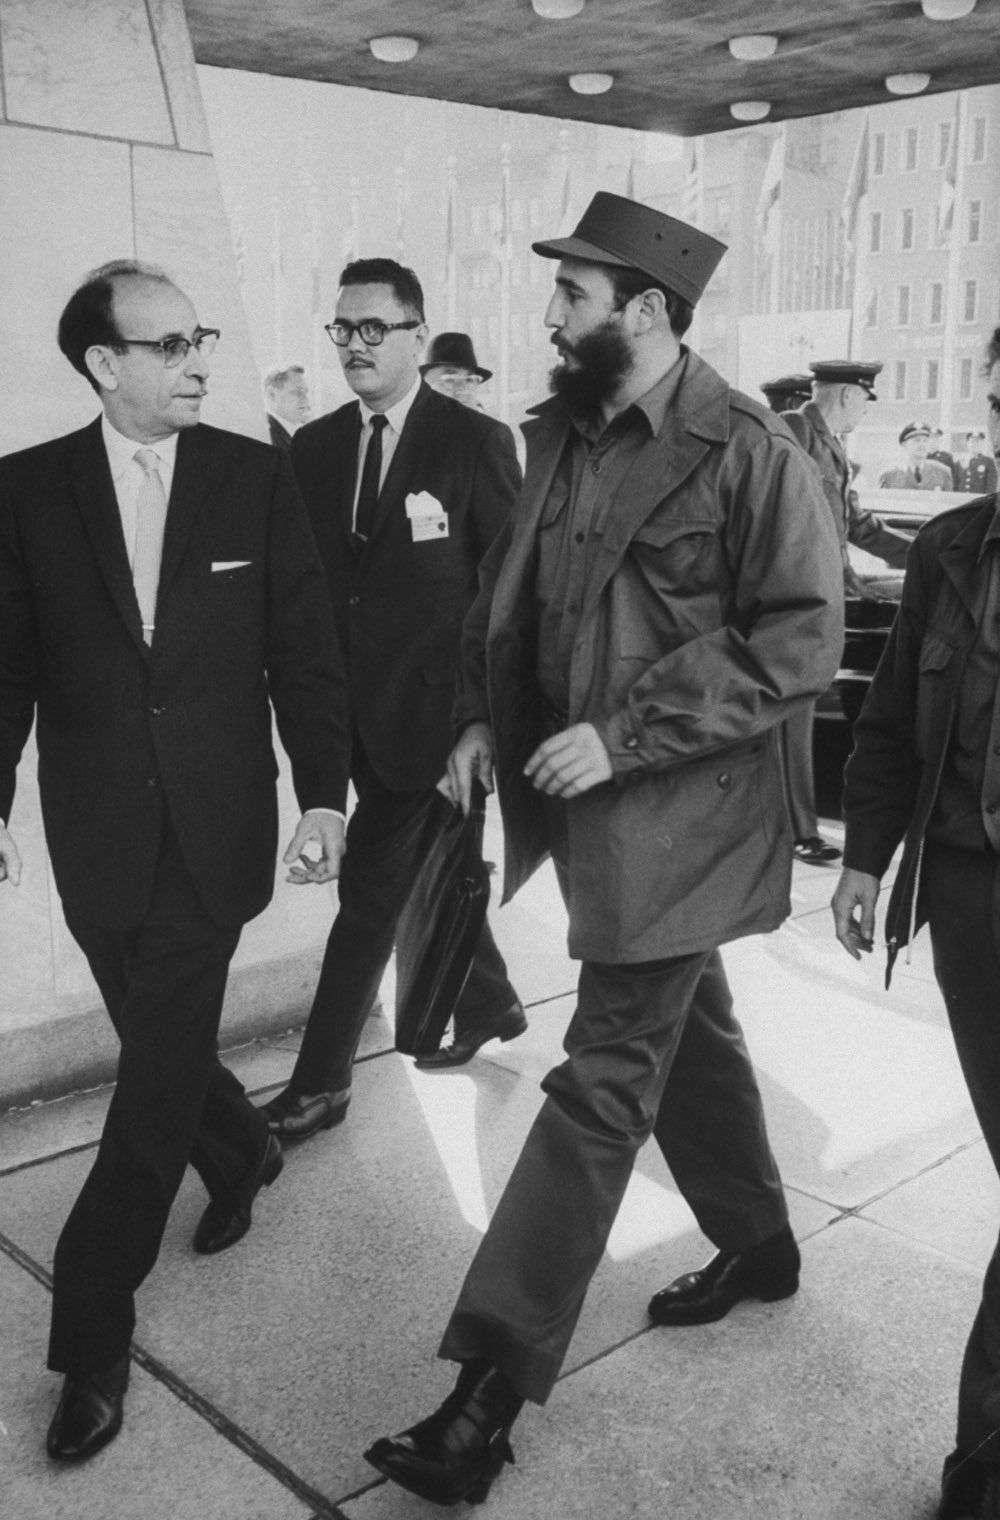 Junto a Raúl Roa, canciller cubano, en la sede de las Naciones Unidas, Nueva York. Foto: Al Fenn